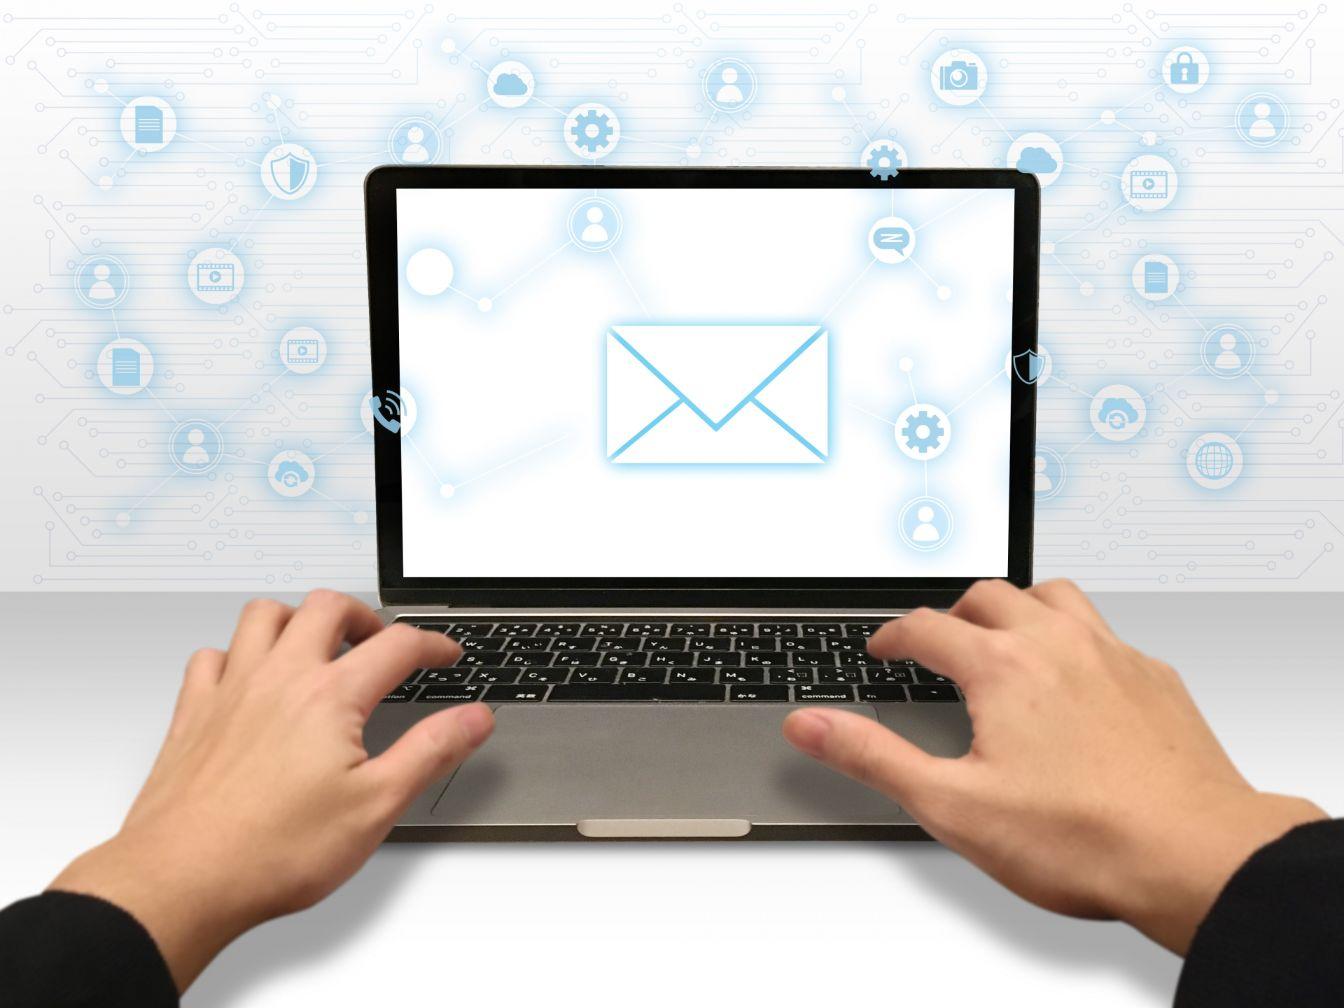 メールを誤送信しないために行うべき対策